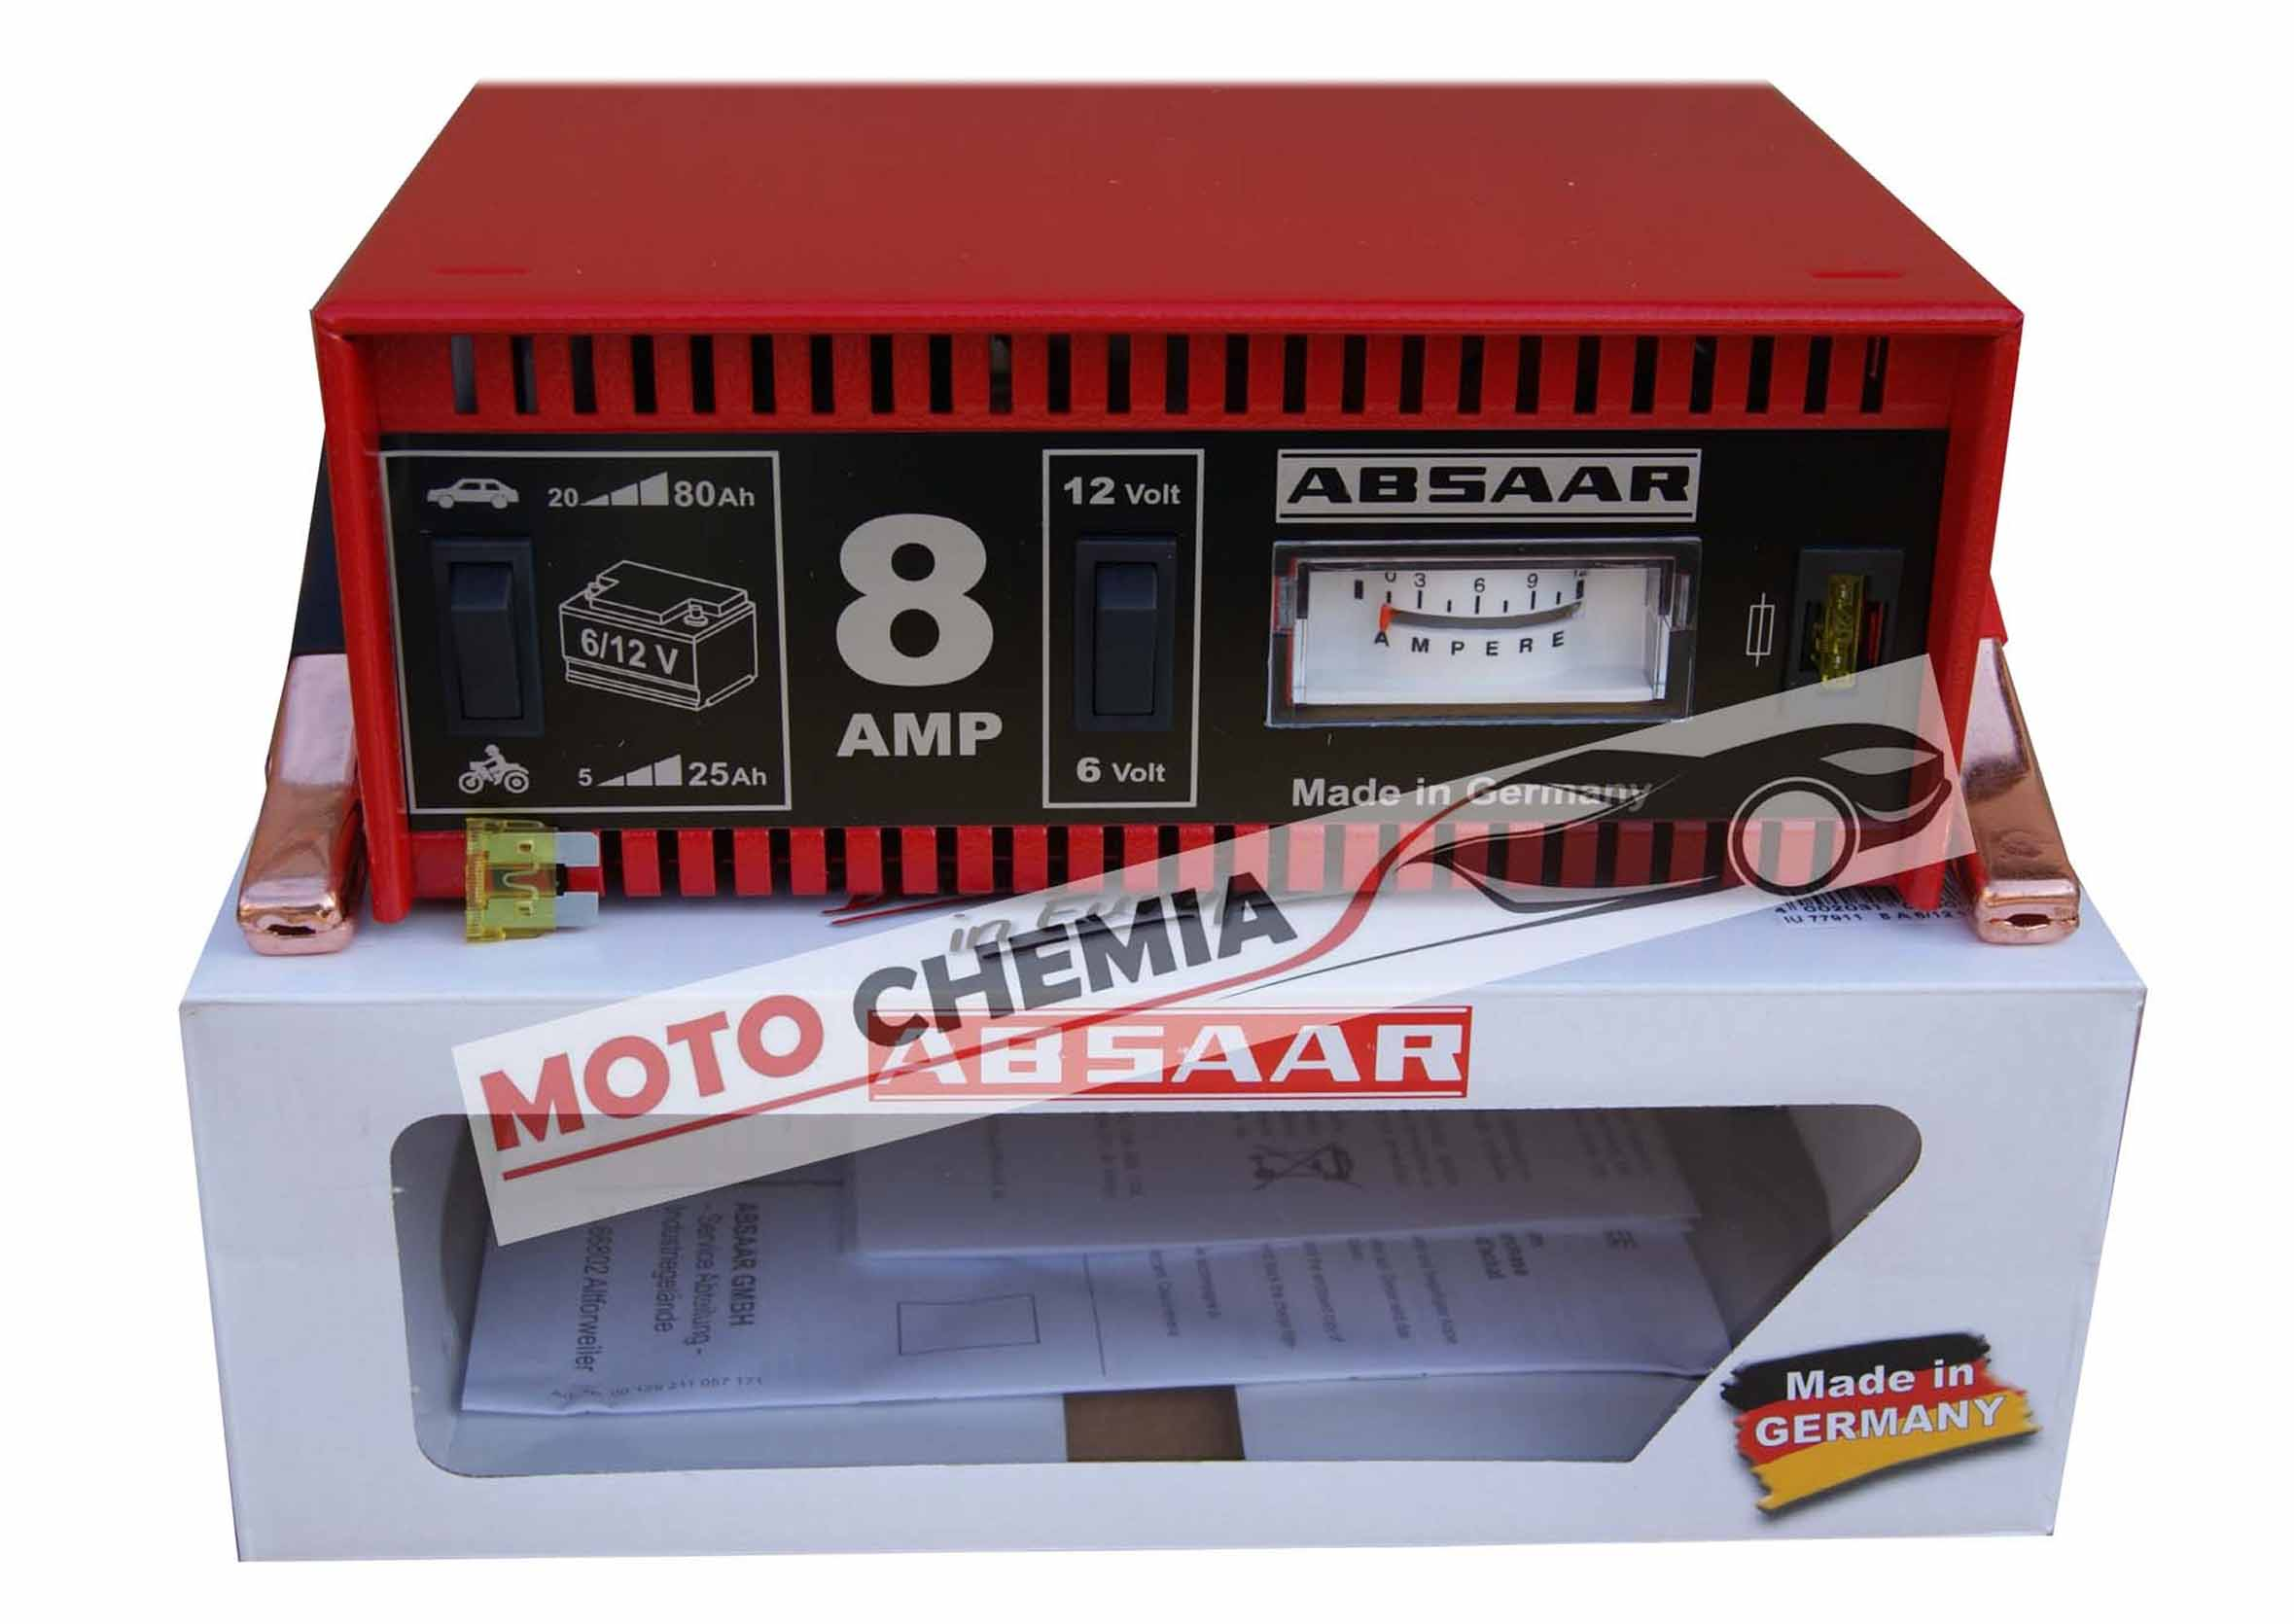 Absaar Prostownik samochodowy 8A 6/12V do ładowania akumulatora